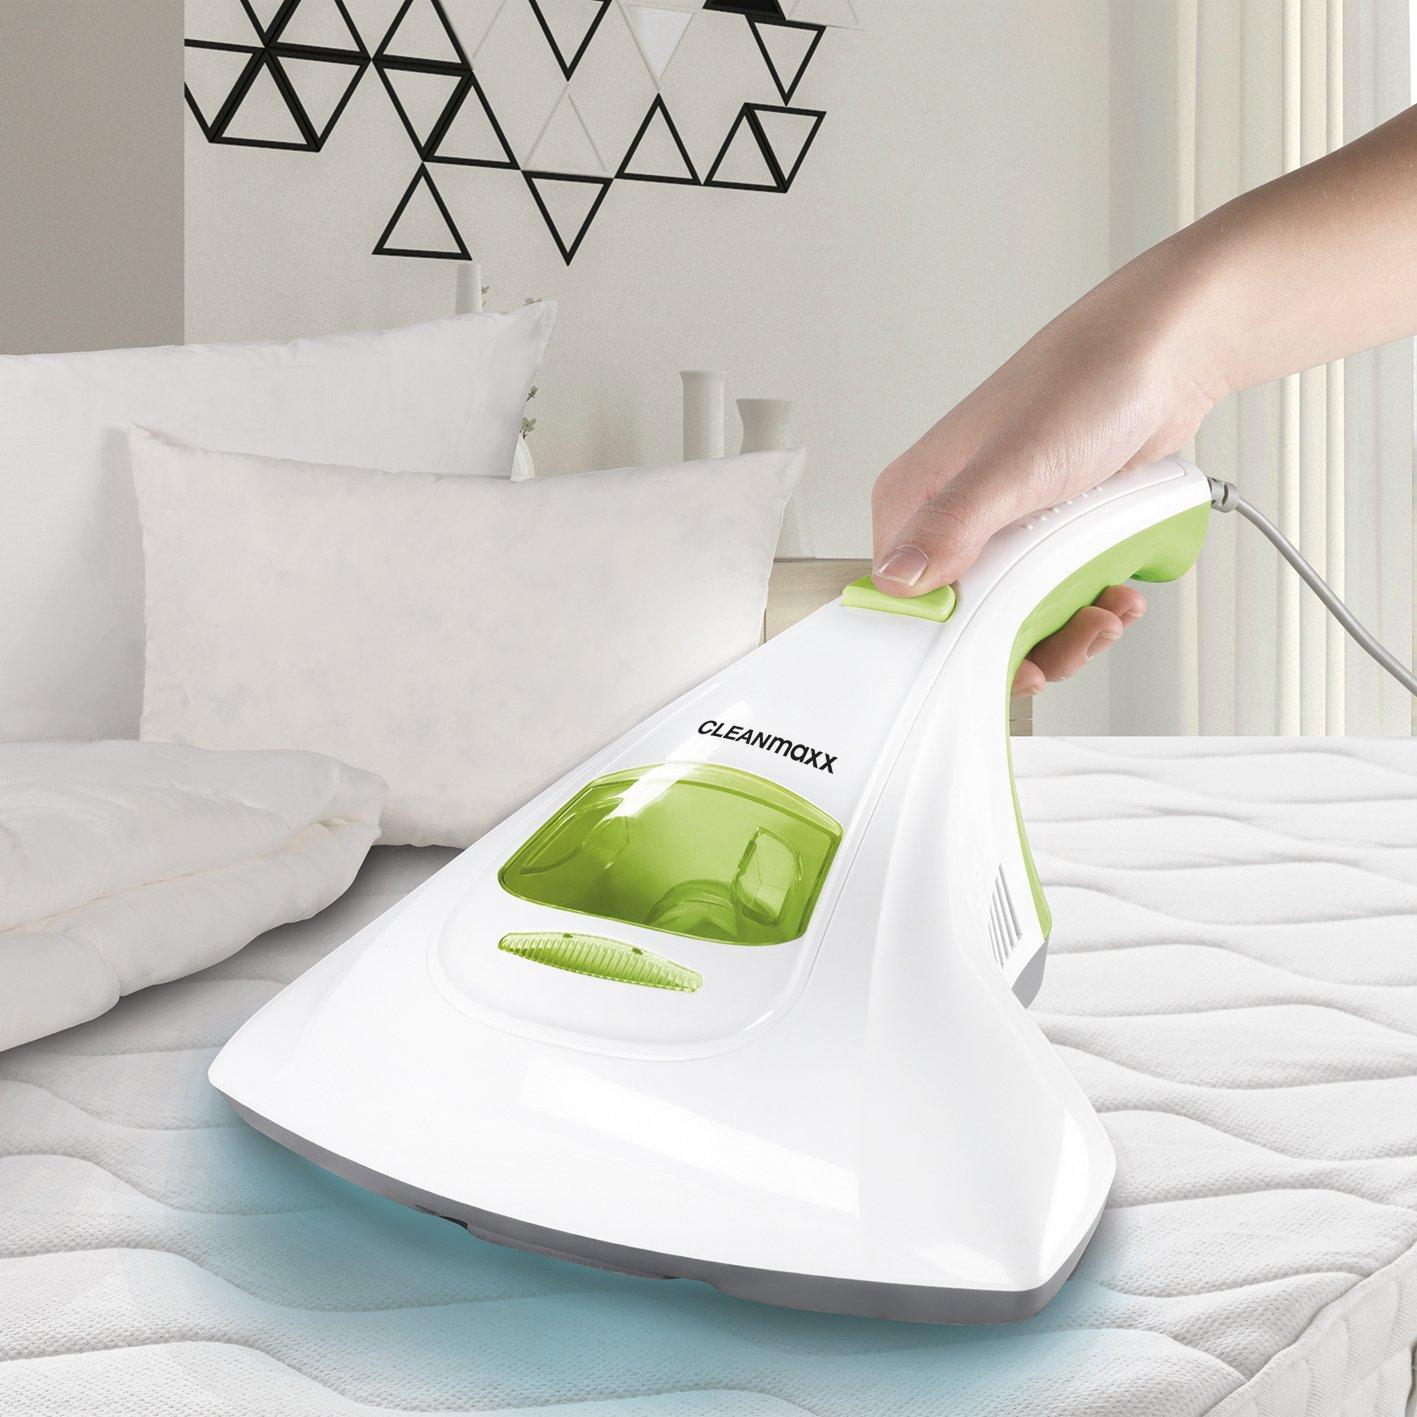 CLEANmaxx 02243 Aspirabriciole Senza Sacchetto | Aspirapolvere per materassi | Aspirapolvere Antiacari